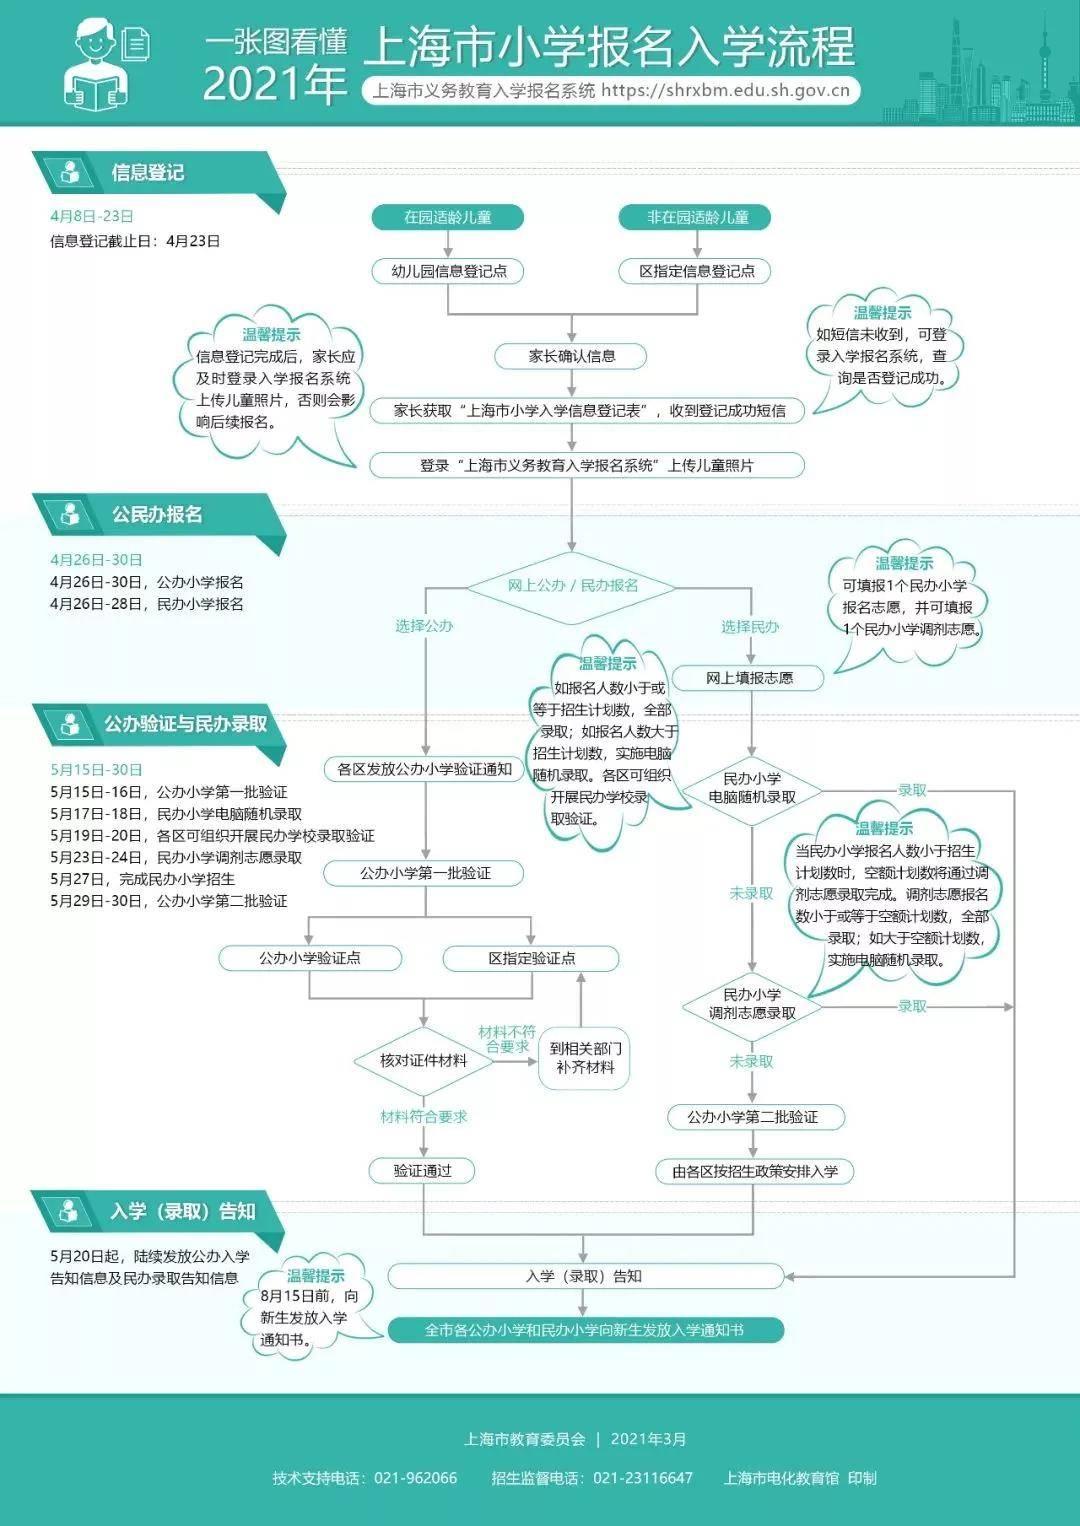 上海幼升小网报名 各位家长一定要注意上海幼升小网报名确认后无法更改!